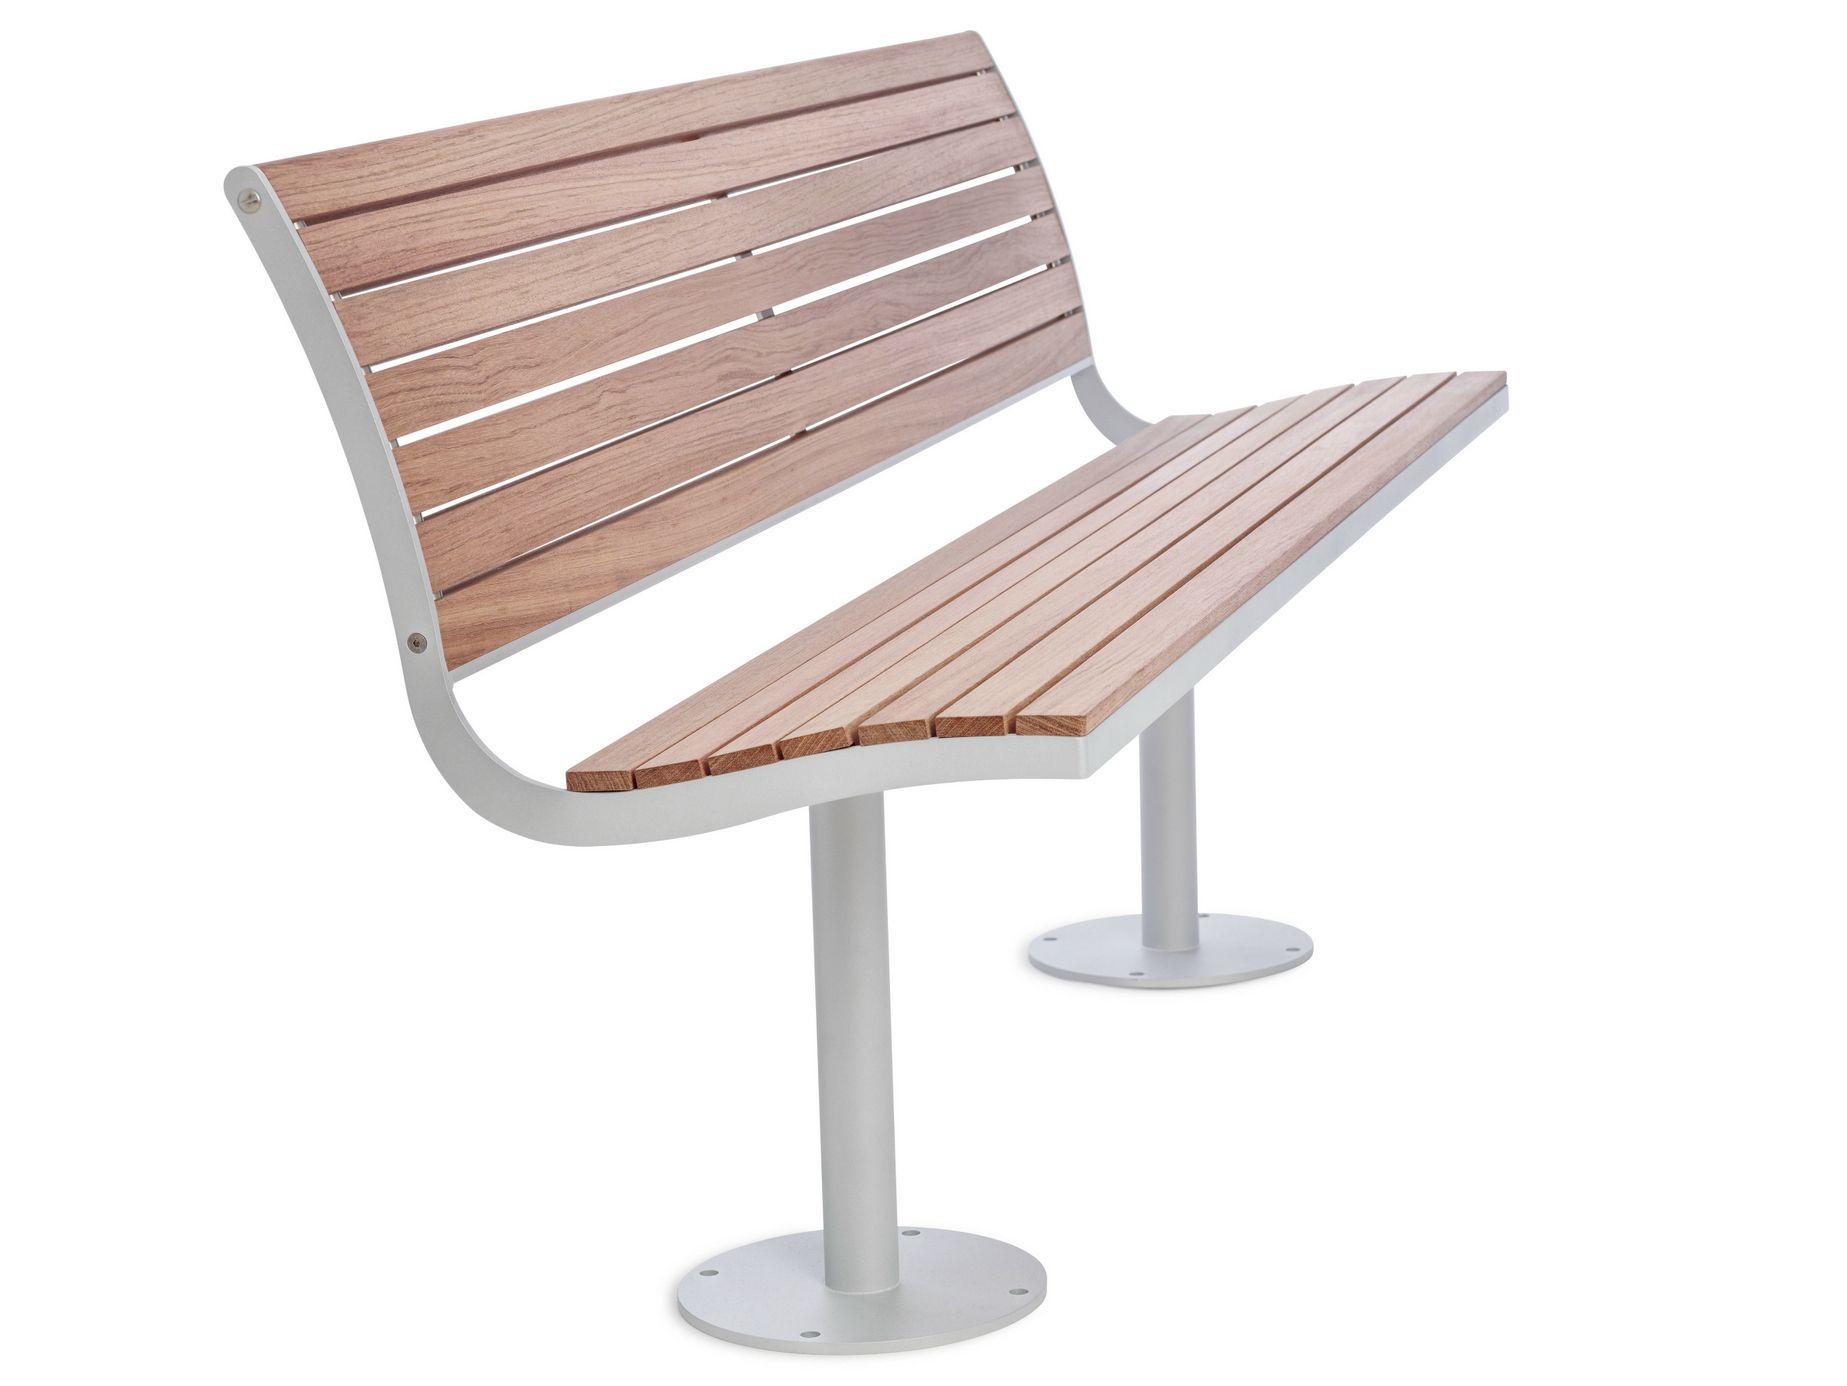 Parco Steel And Wood Bench By Nola Industrier Design Brda Broberg Ridderstr Le